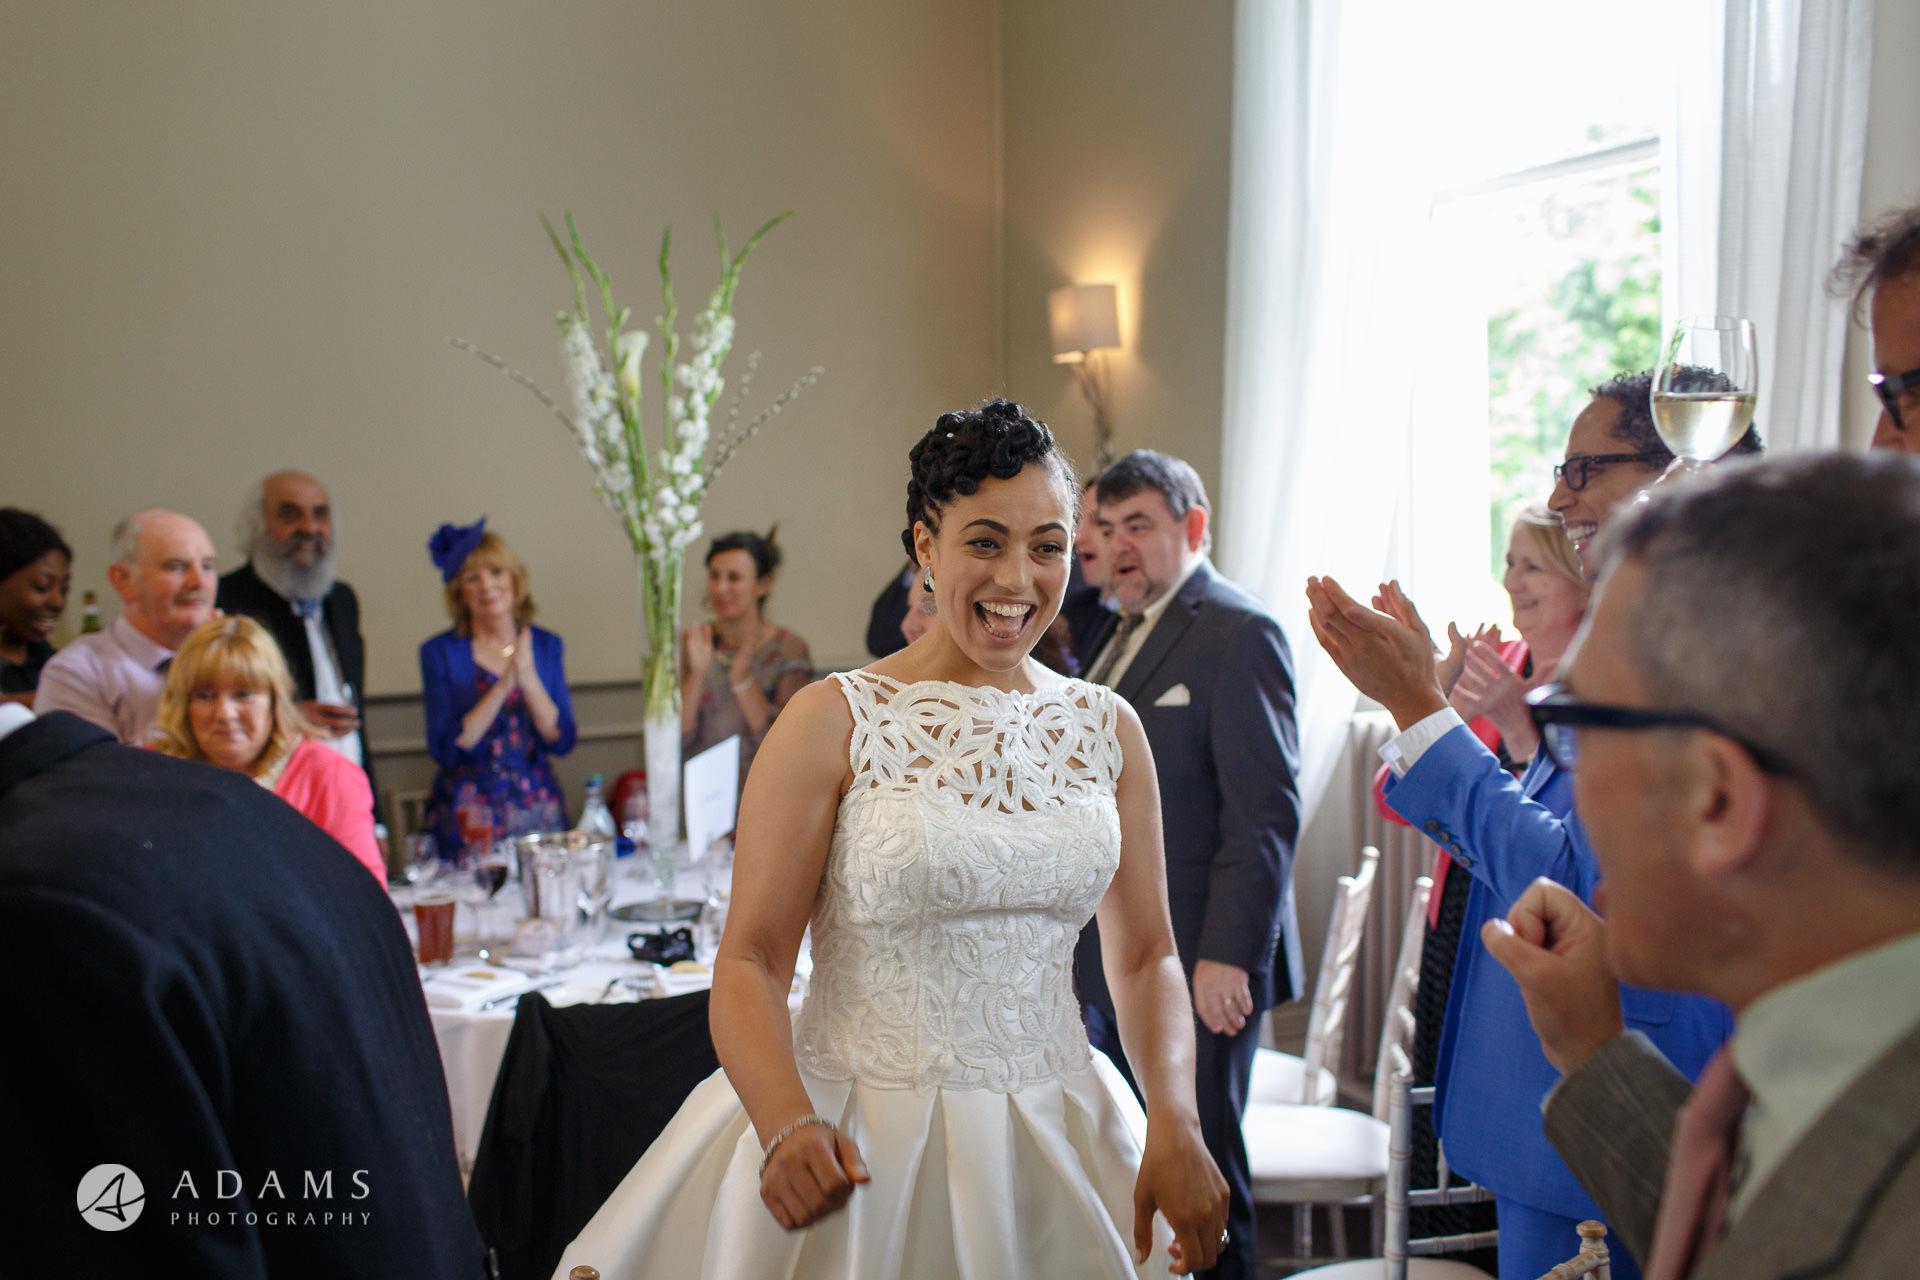 Morden Hall Wedding photo bride enters the room